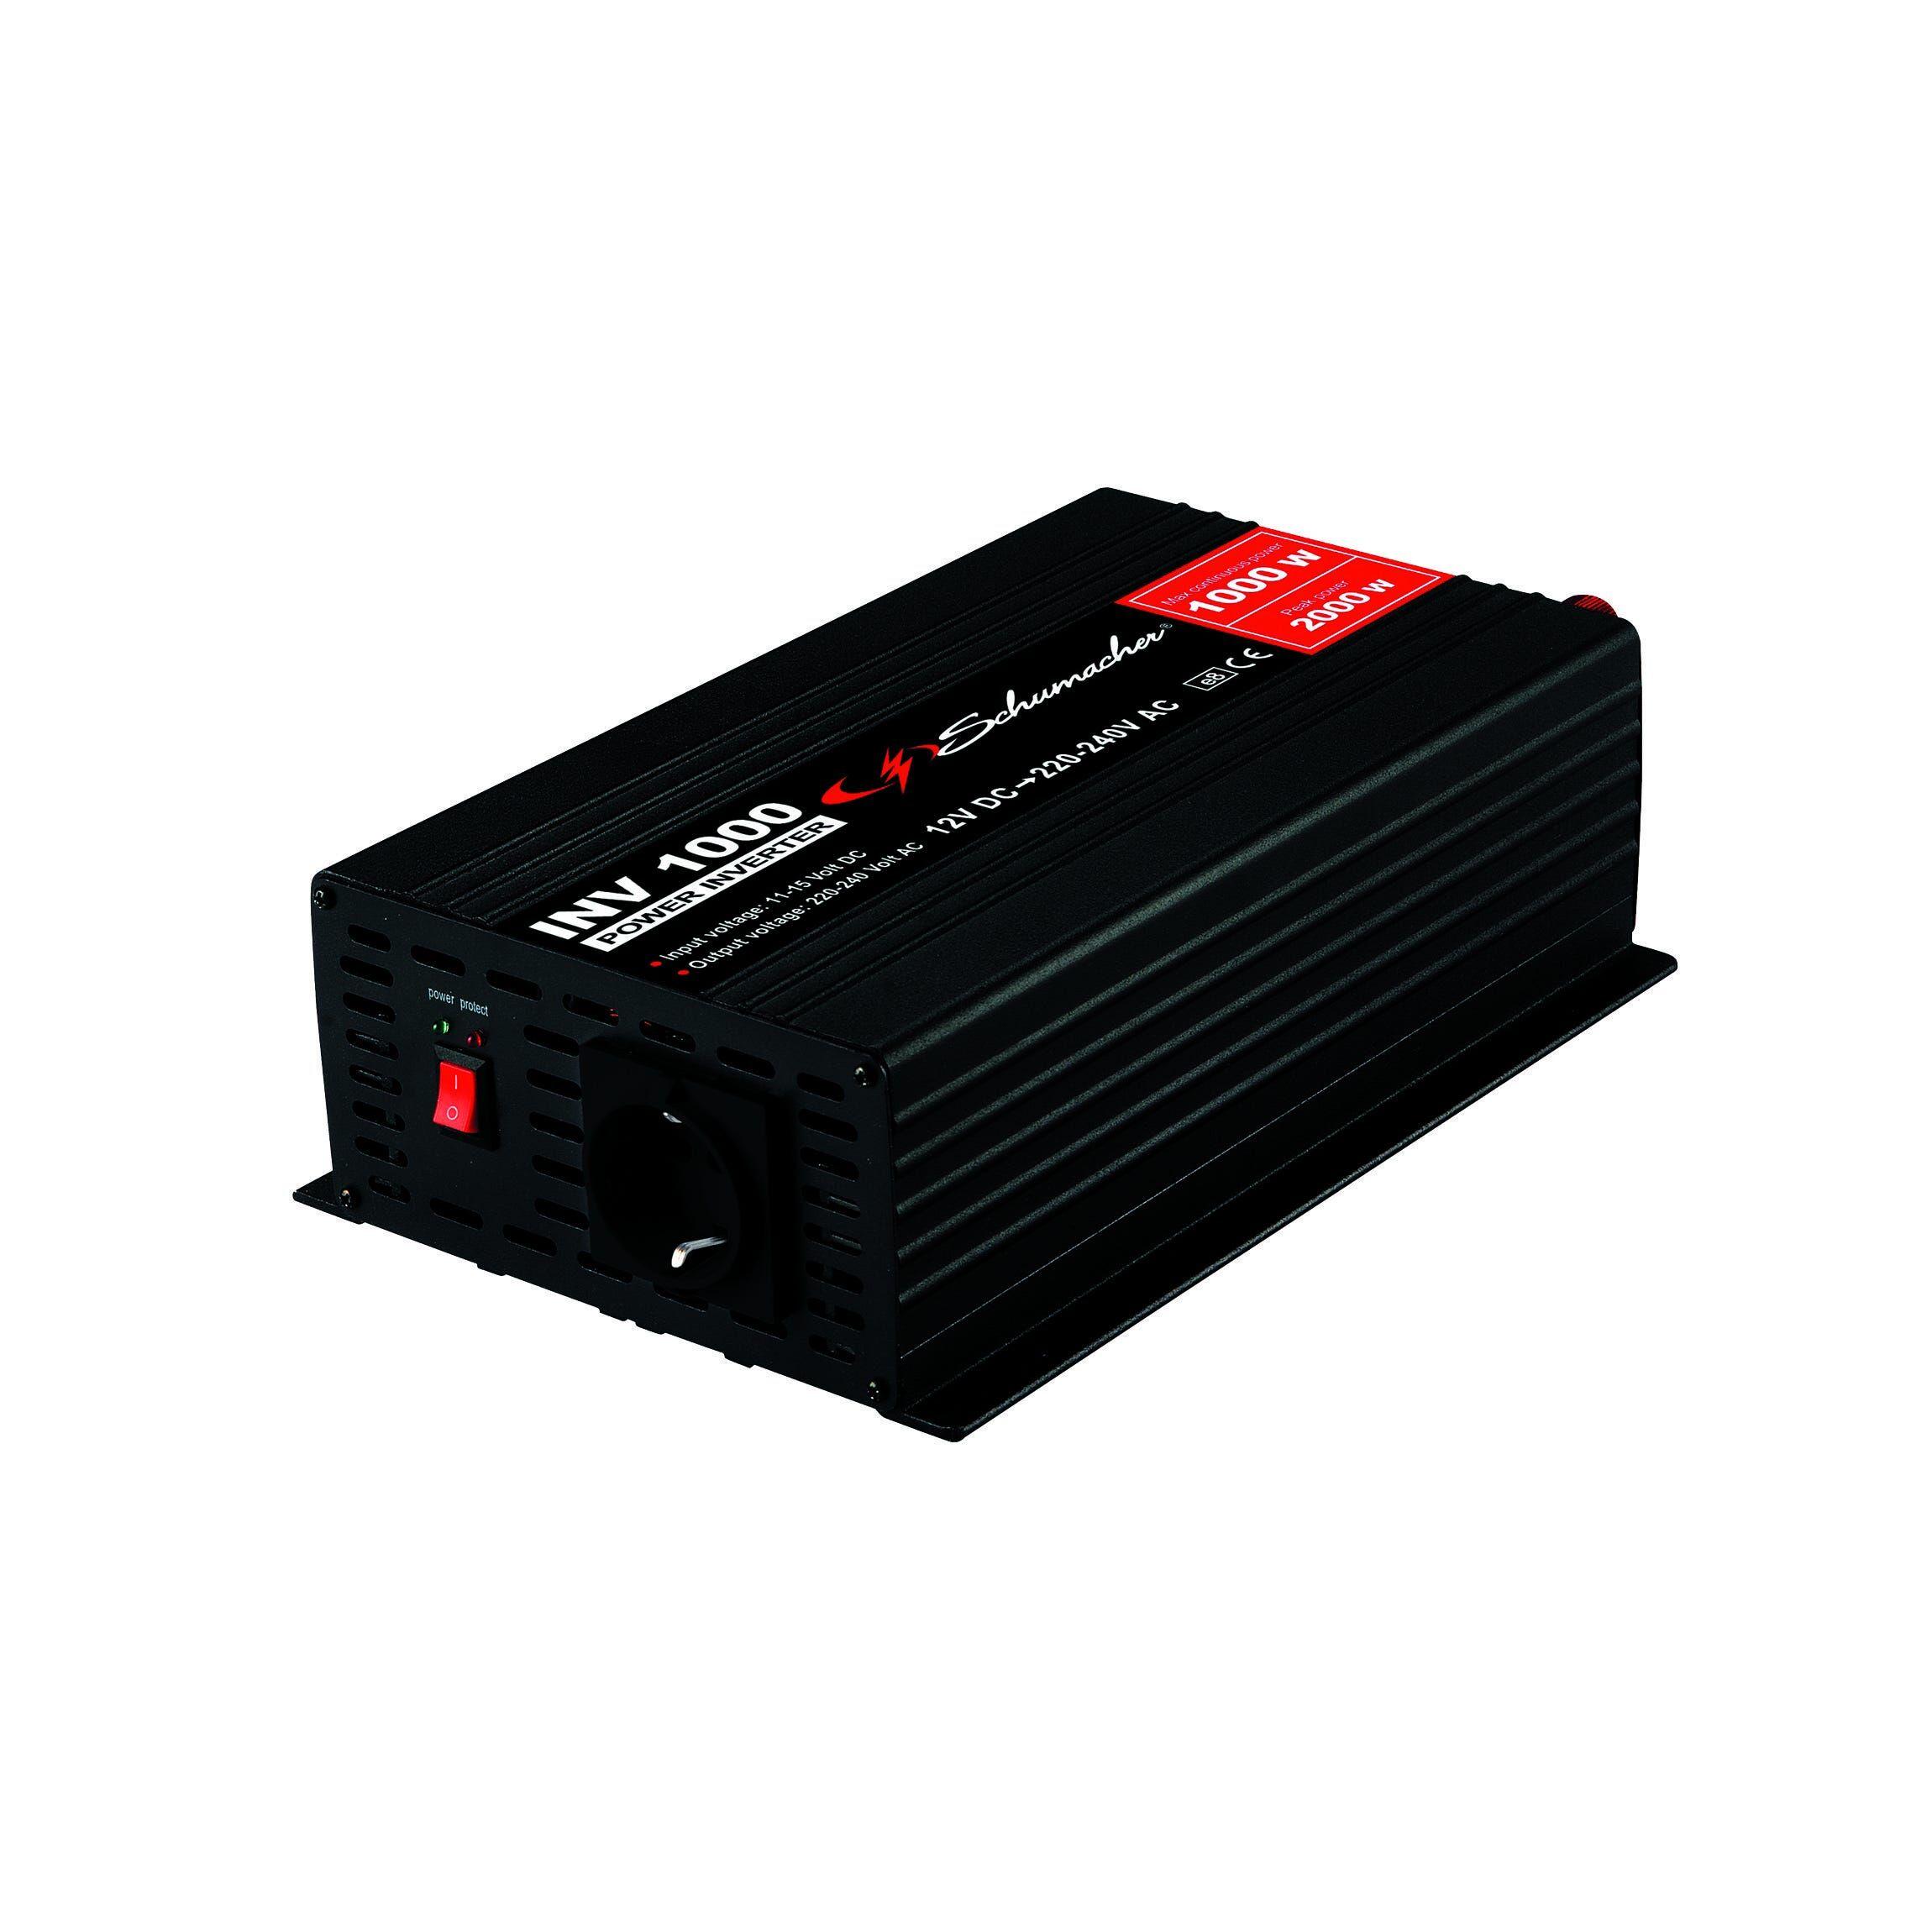 Convertitore Corrente 1000 W Continui 12-220 V Frequenza 50/60 Hz